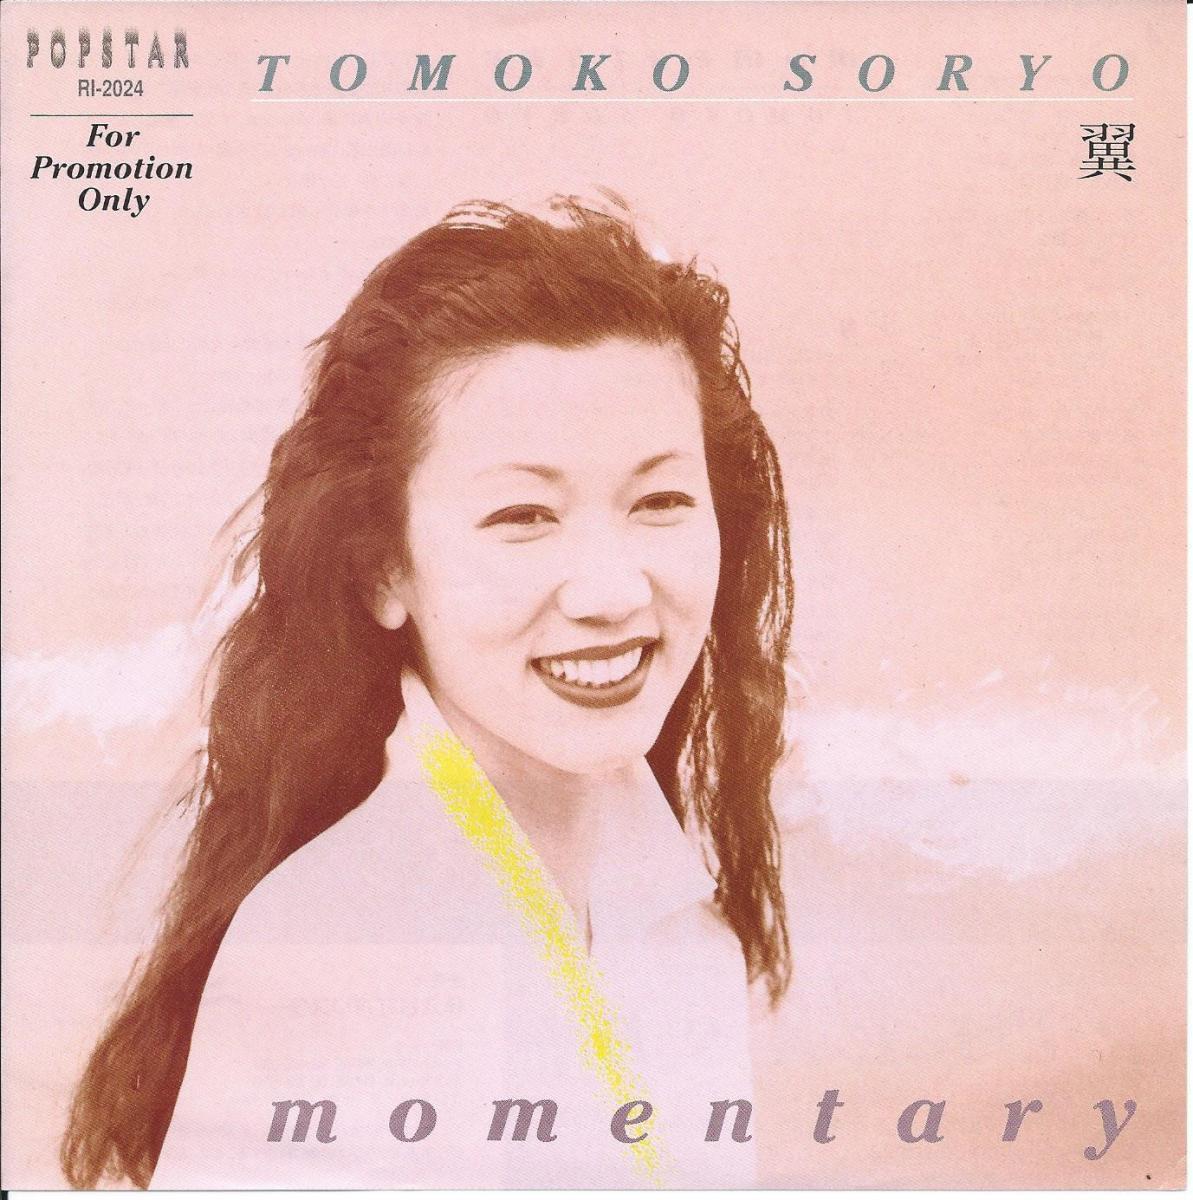 惣領智子 TOMOKO SORYO / 翼 (MOMENTARY) / ベスとポリアンナ (7